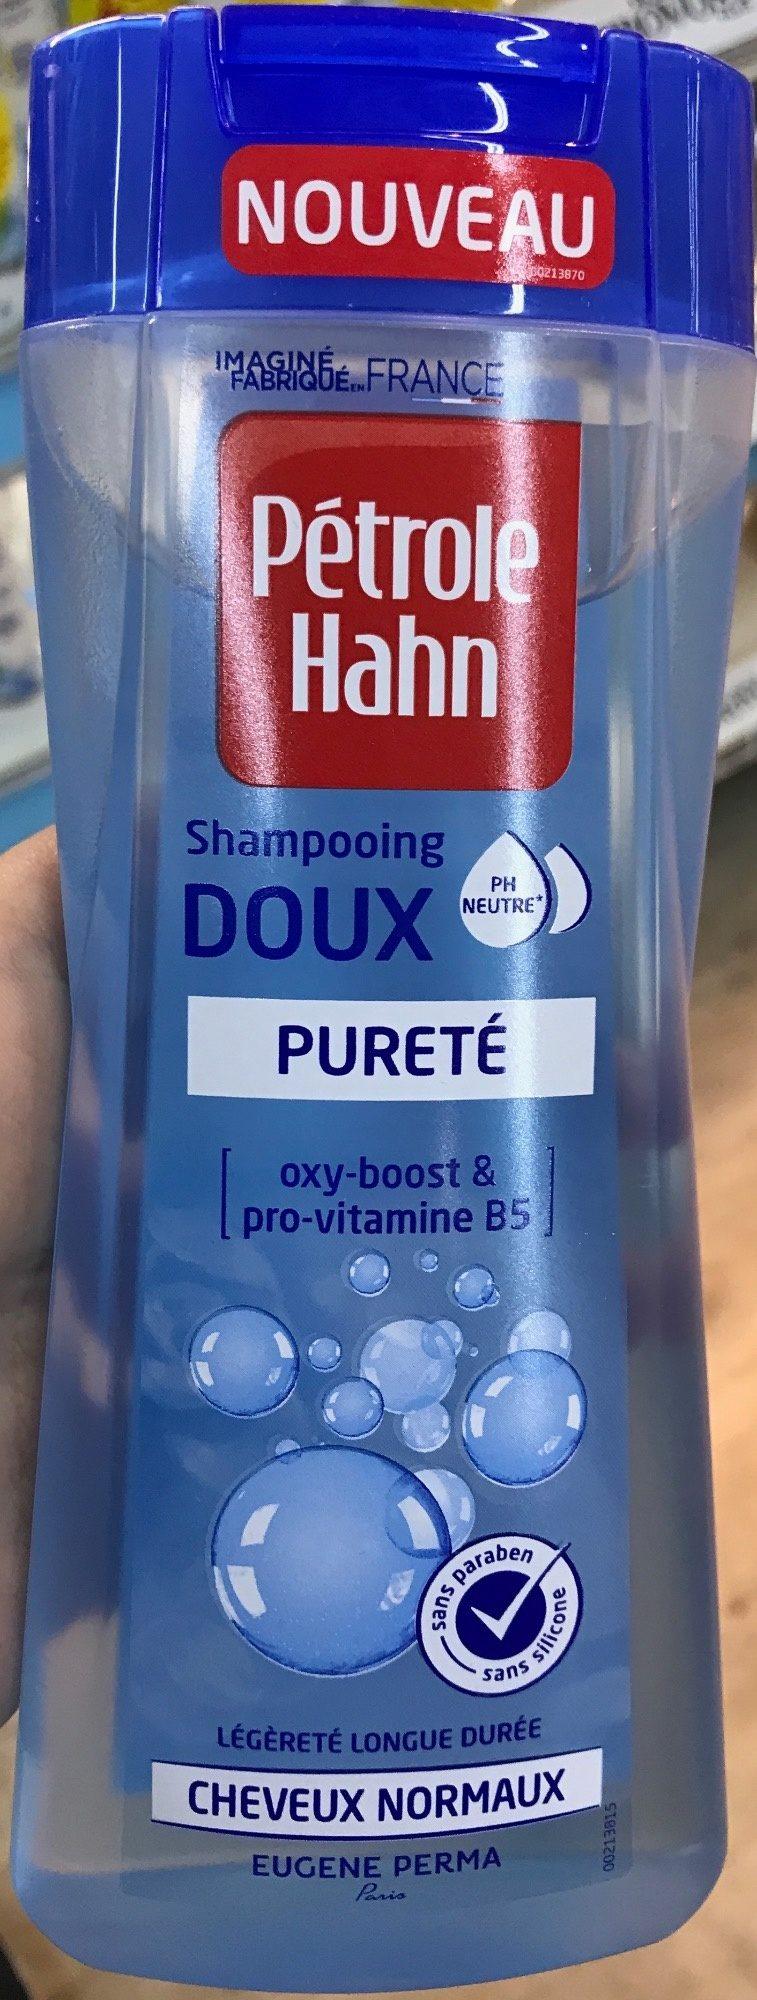 Shampooing doux pureté - Product